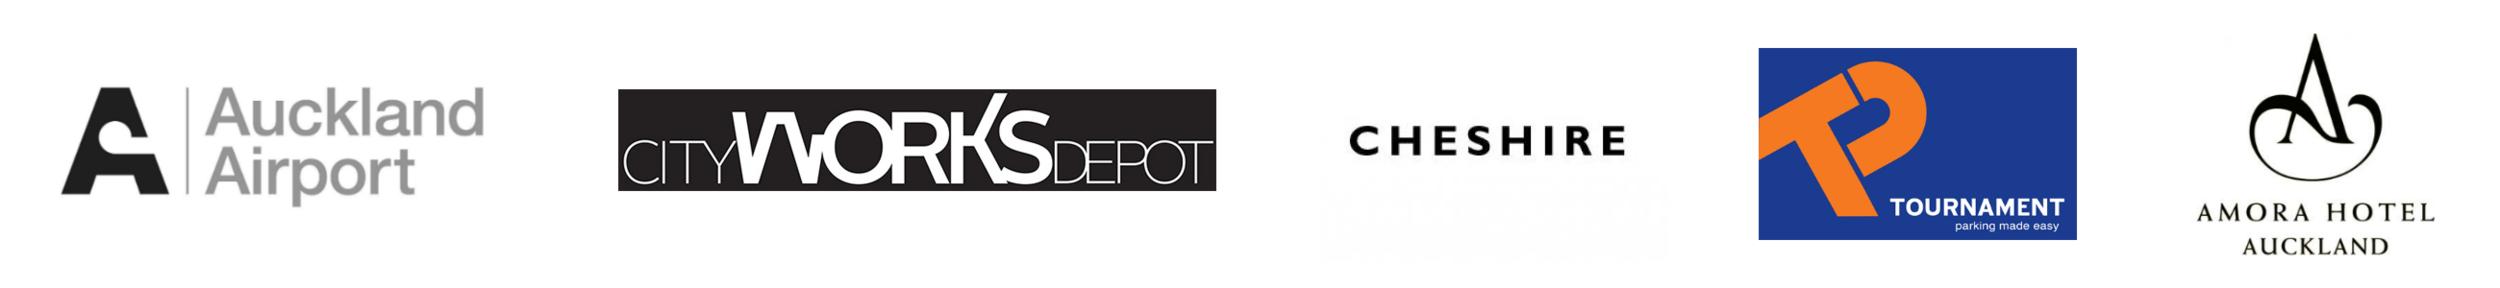 logo_Carousel_1.png